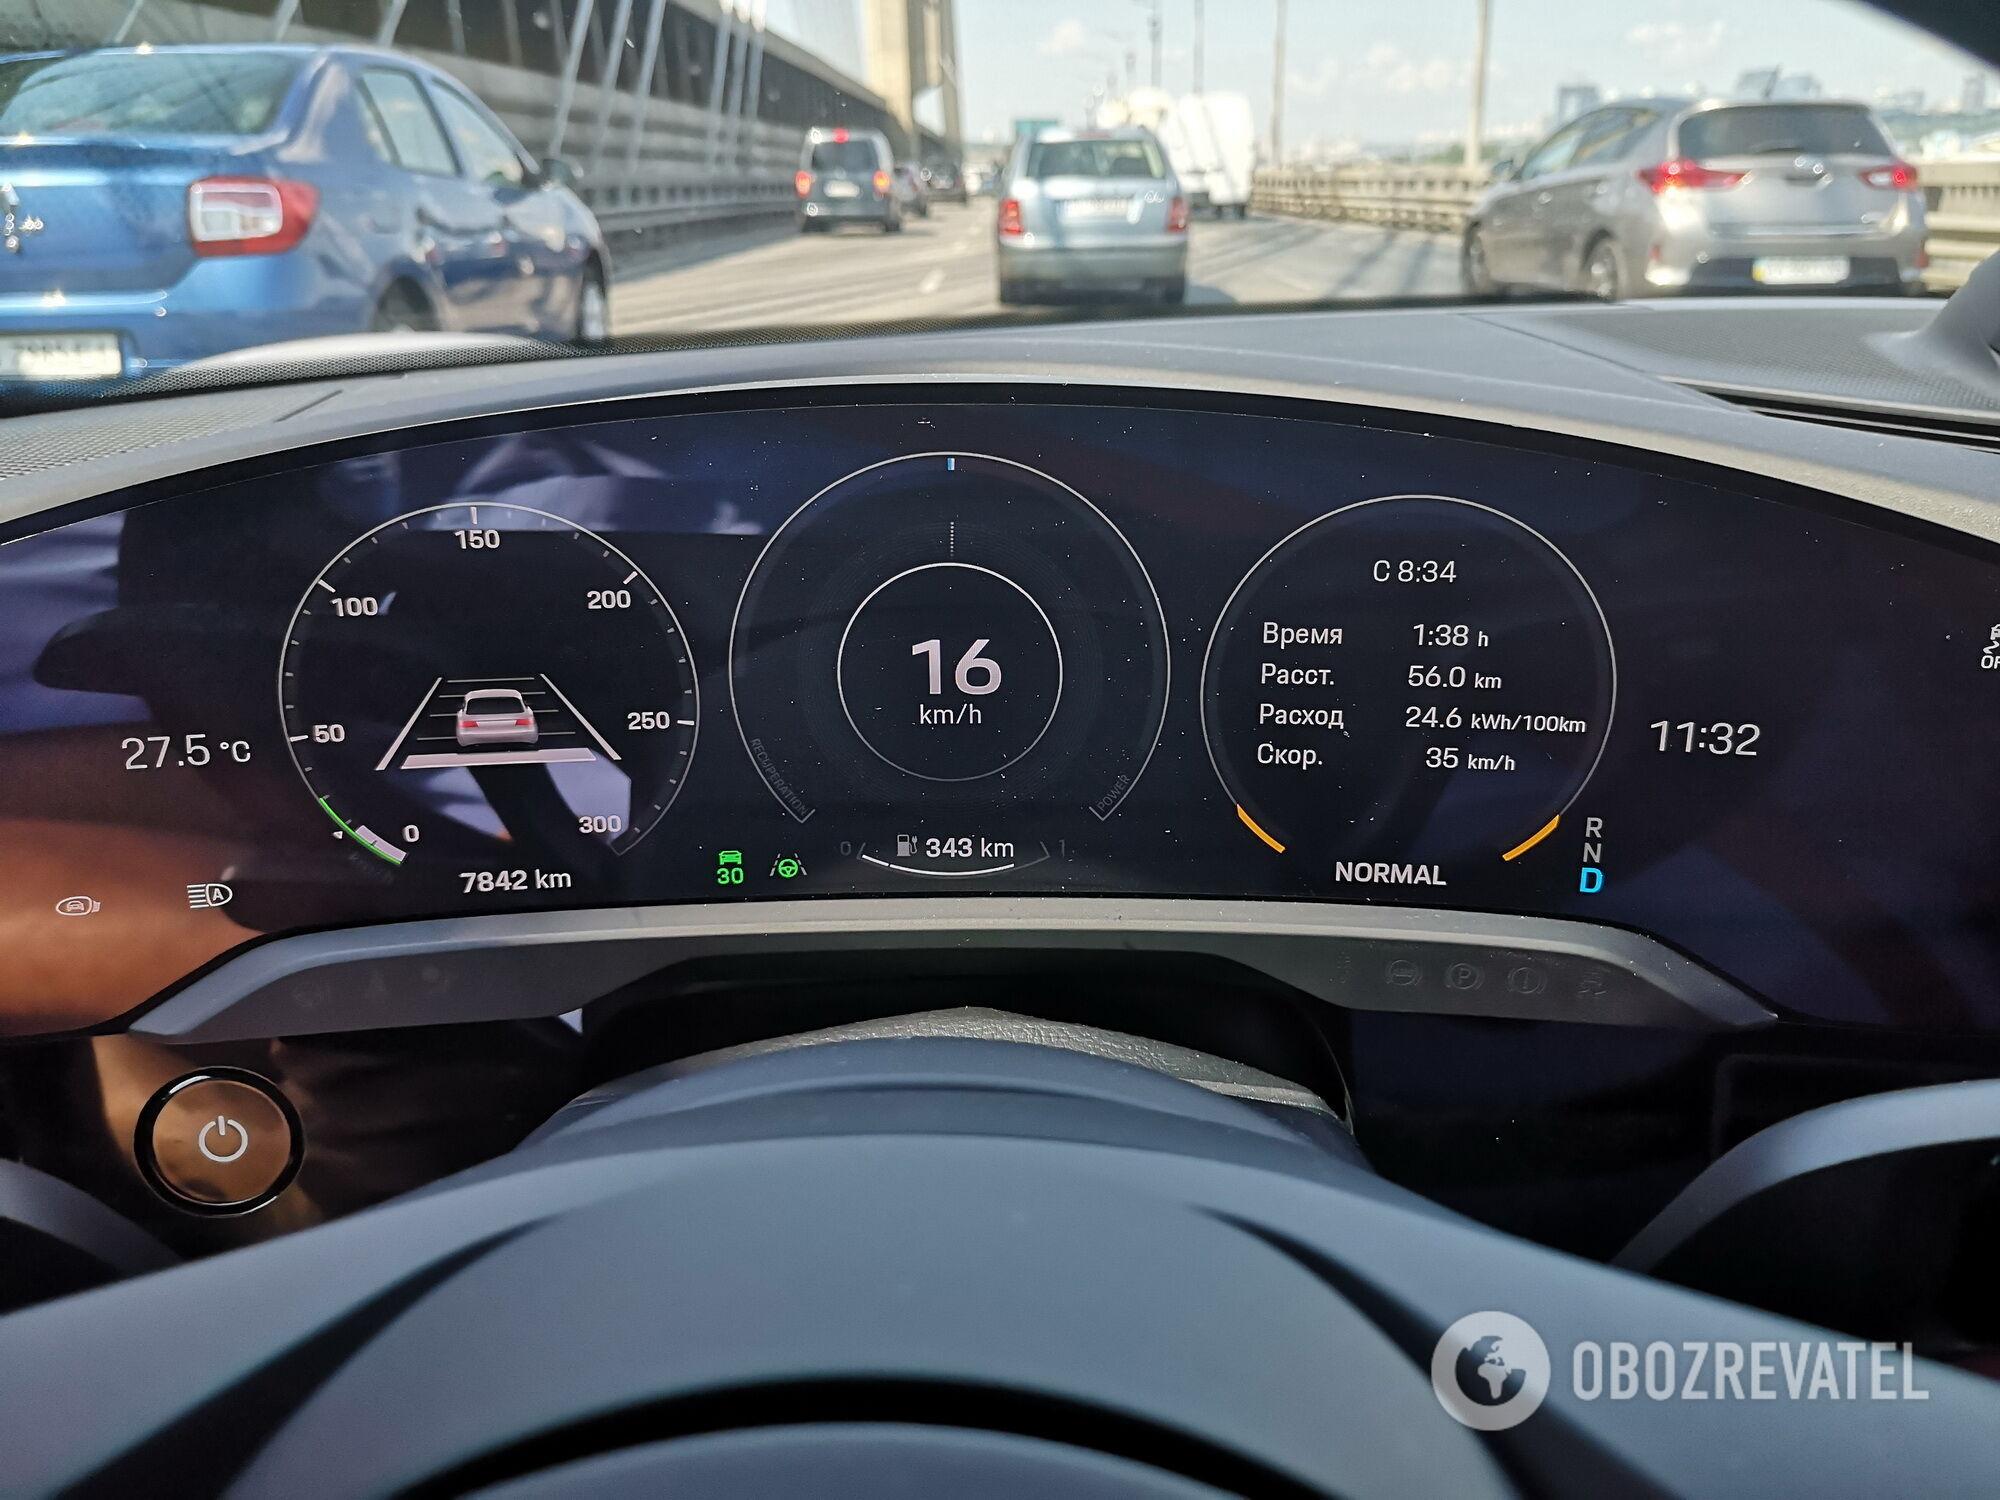 Всю оперативную информацию для водителя предоставляет выгнутый 16,8-дюймовый дисплей